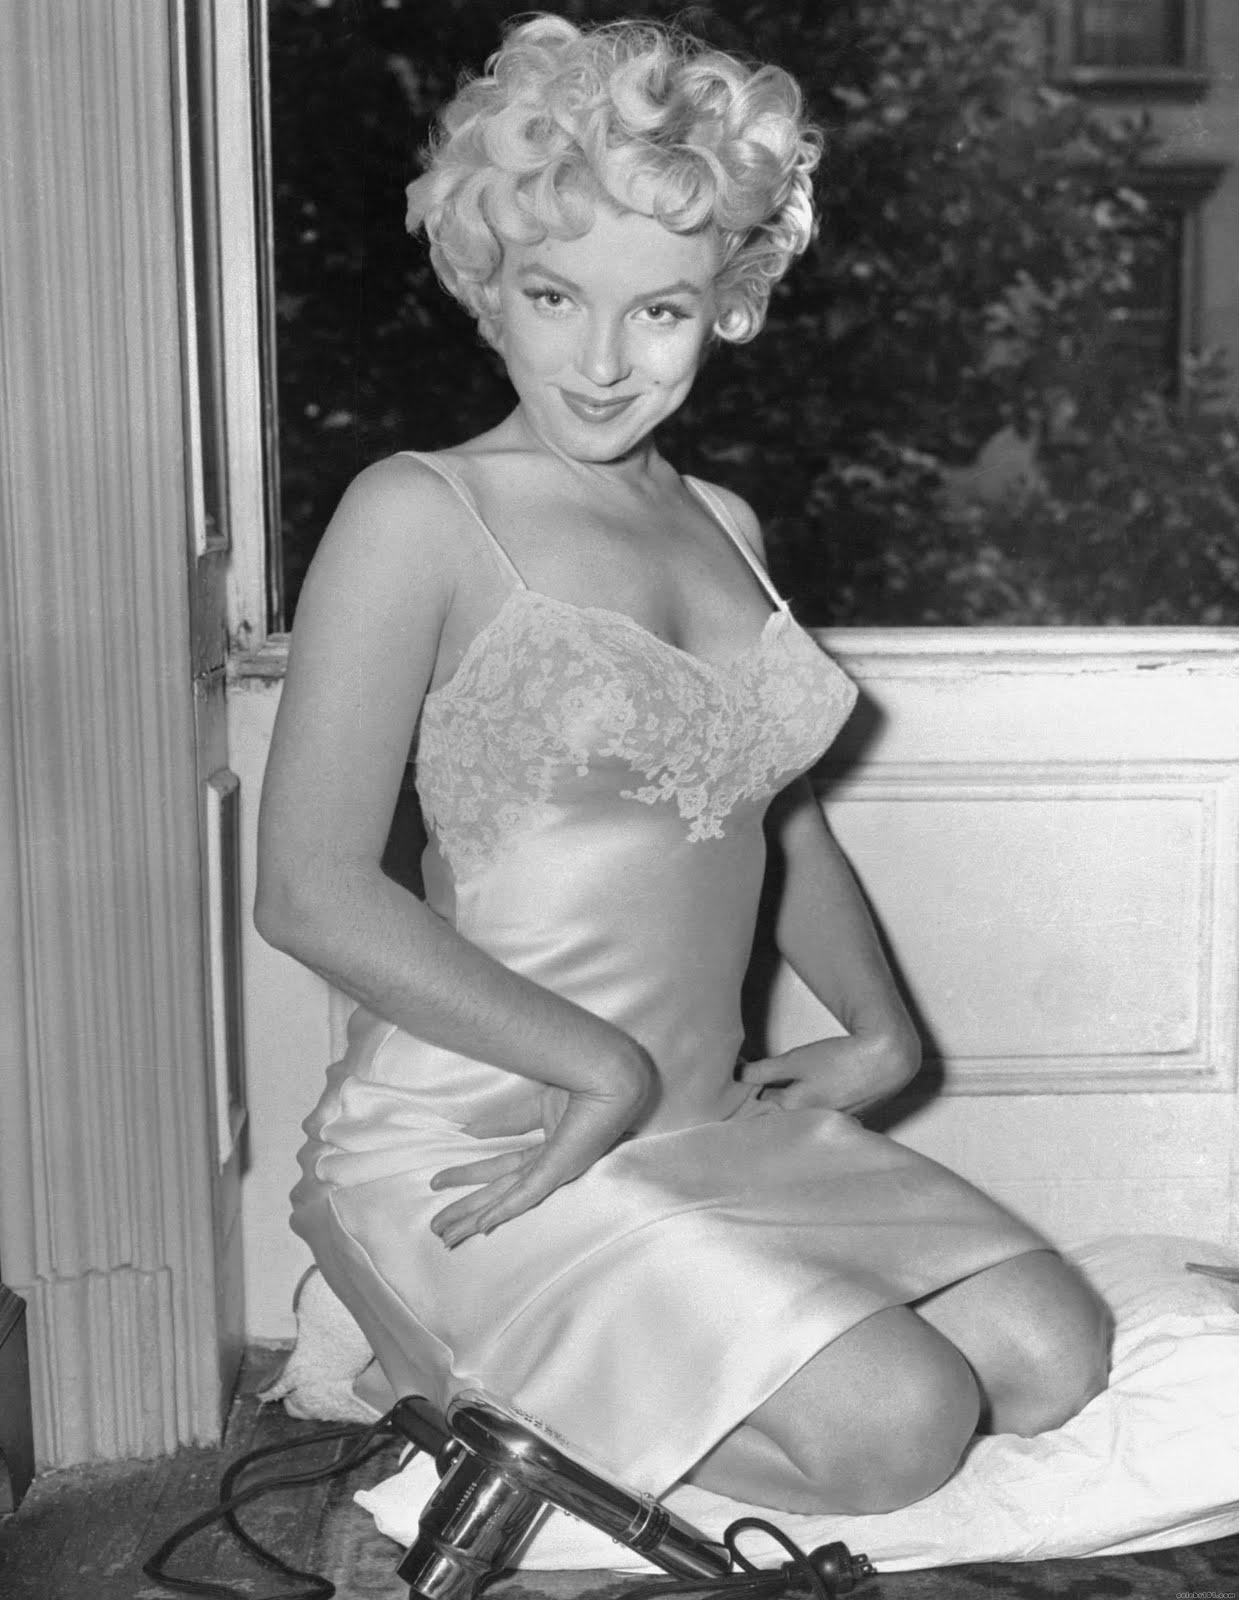 http://2.bp.blogspot.com/-zK8gWpVw5ww/TfJ5-3Kx2aI/AAAAAAAAFrU/A-jmIlXseb4/s1600/Marilyn+Monroe+90.jpg